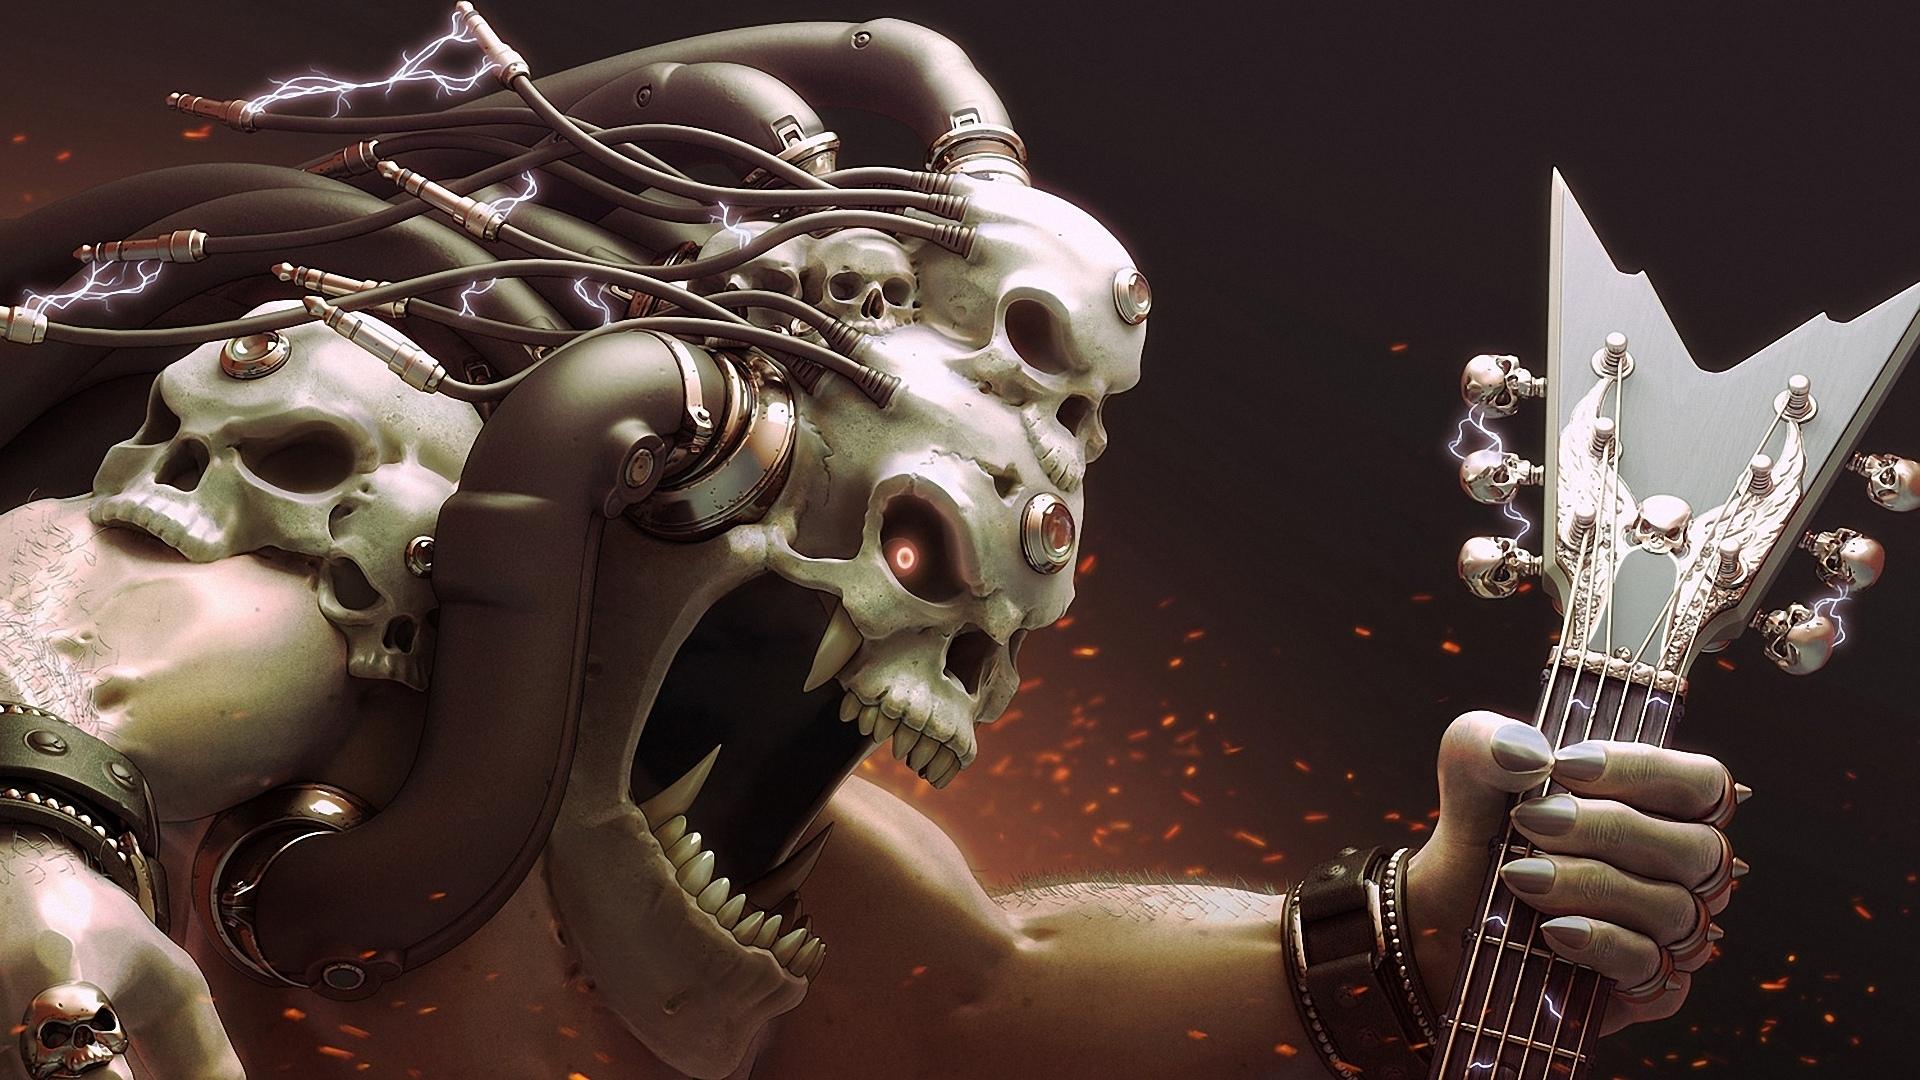 monster skull black wallpaper - photo #7